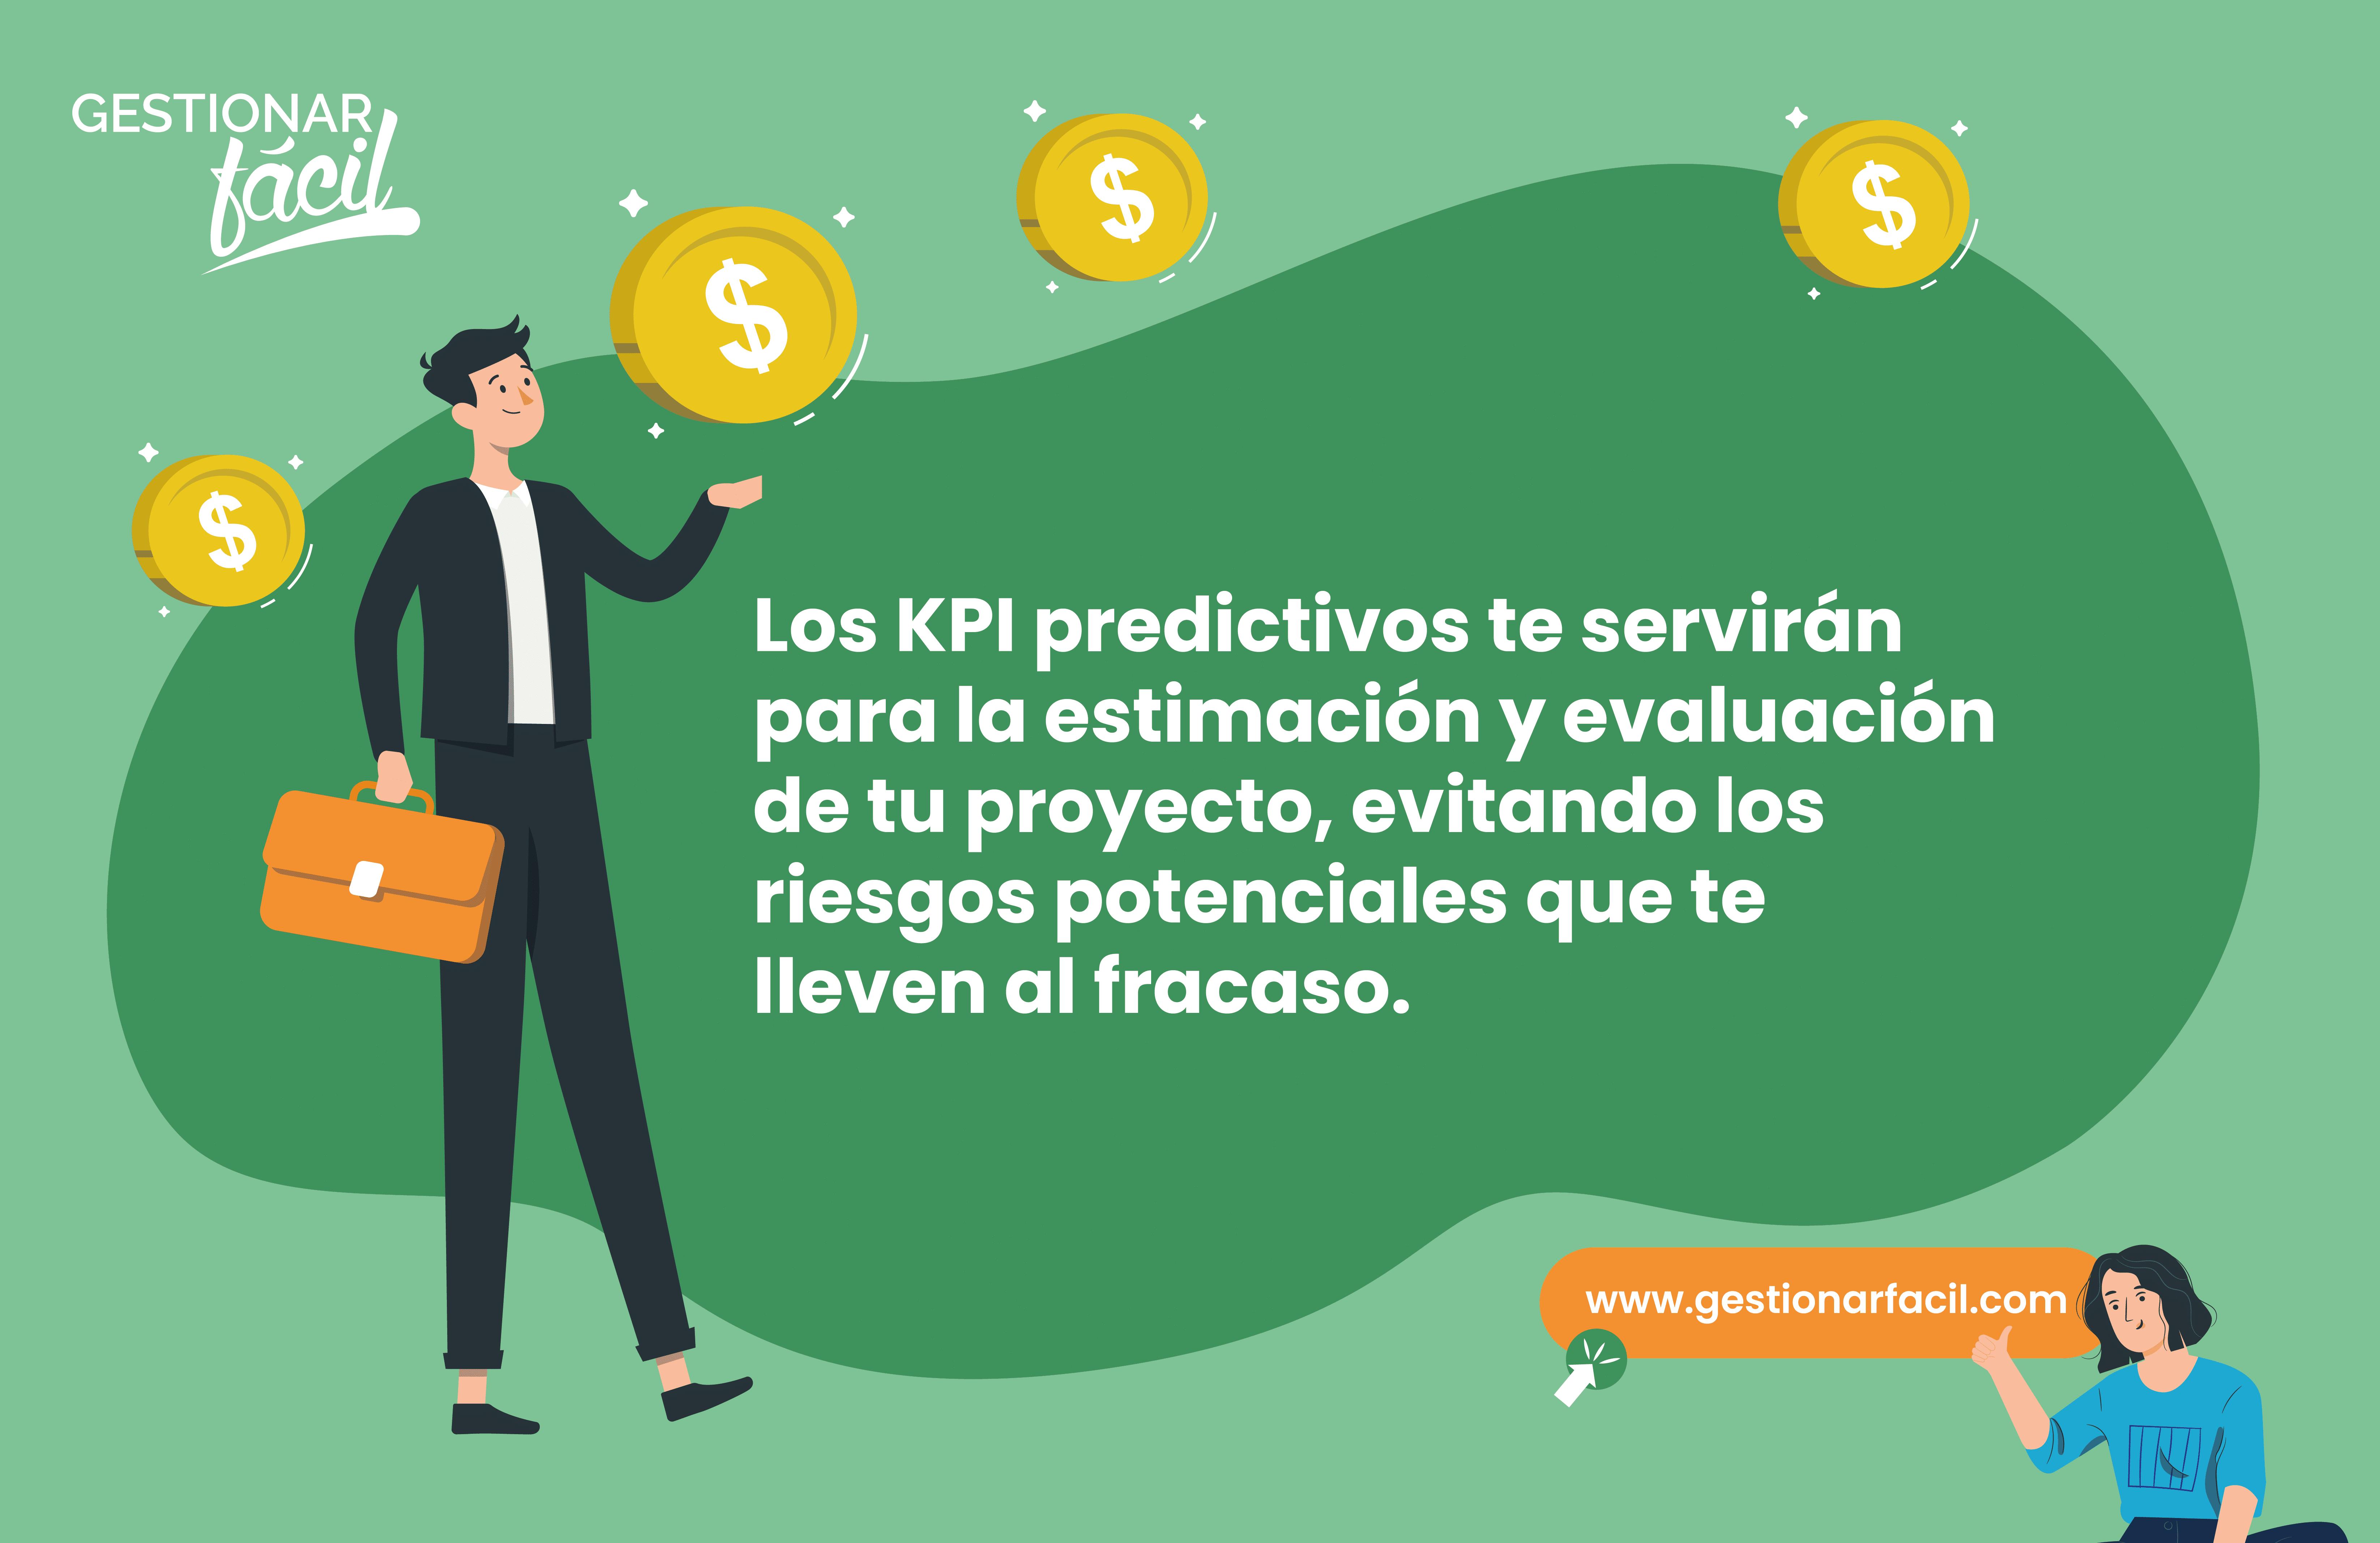 Los KPI predictivos te servirán para la estimación y evaluación de tu proyecto, evitando los riesgos potenciales que te lleven al fracaso.